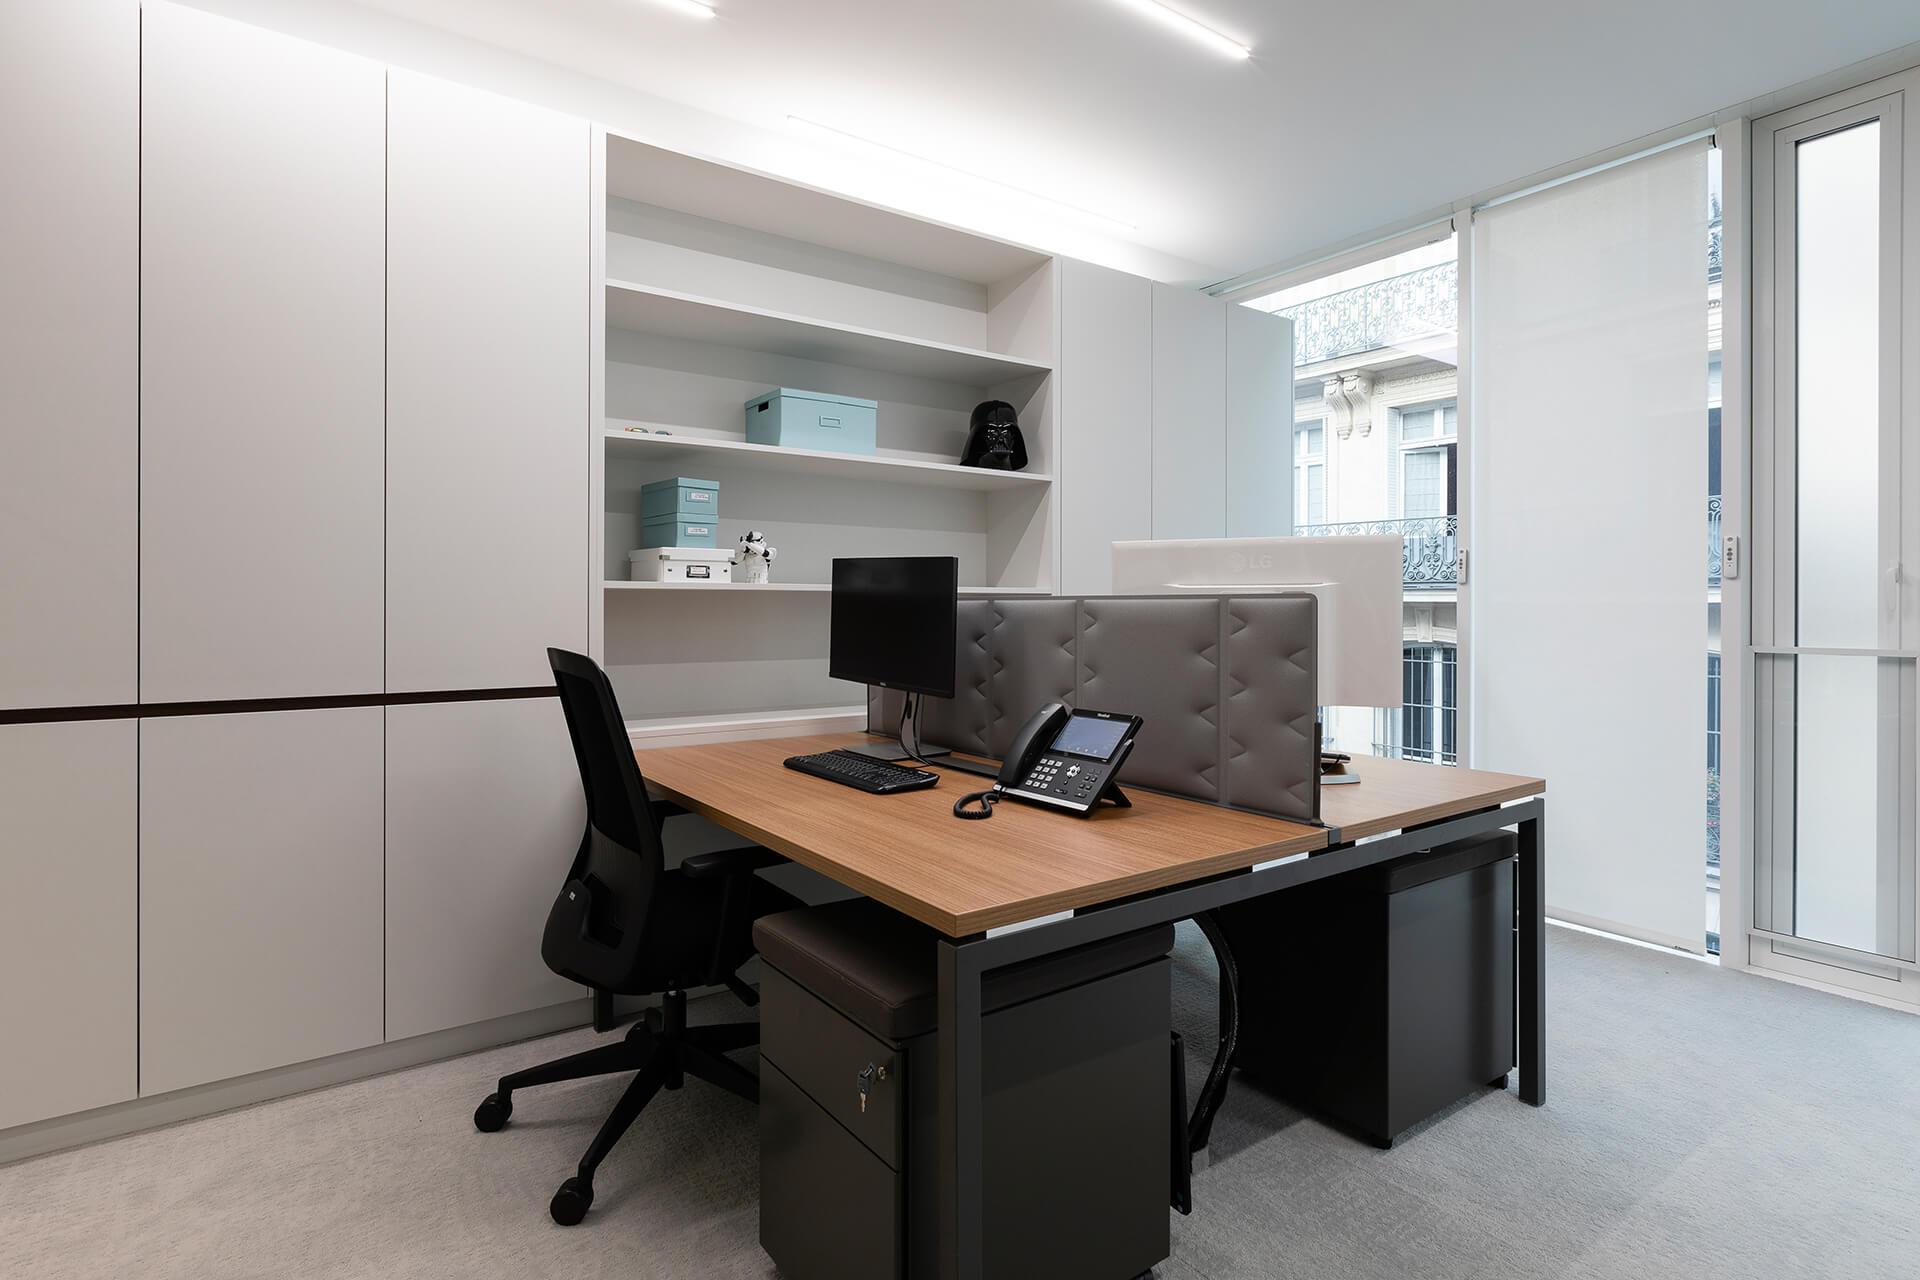 escritório com estantes brancas e mesa em madeira